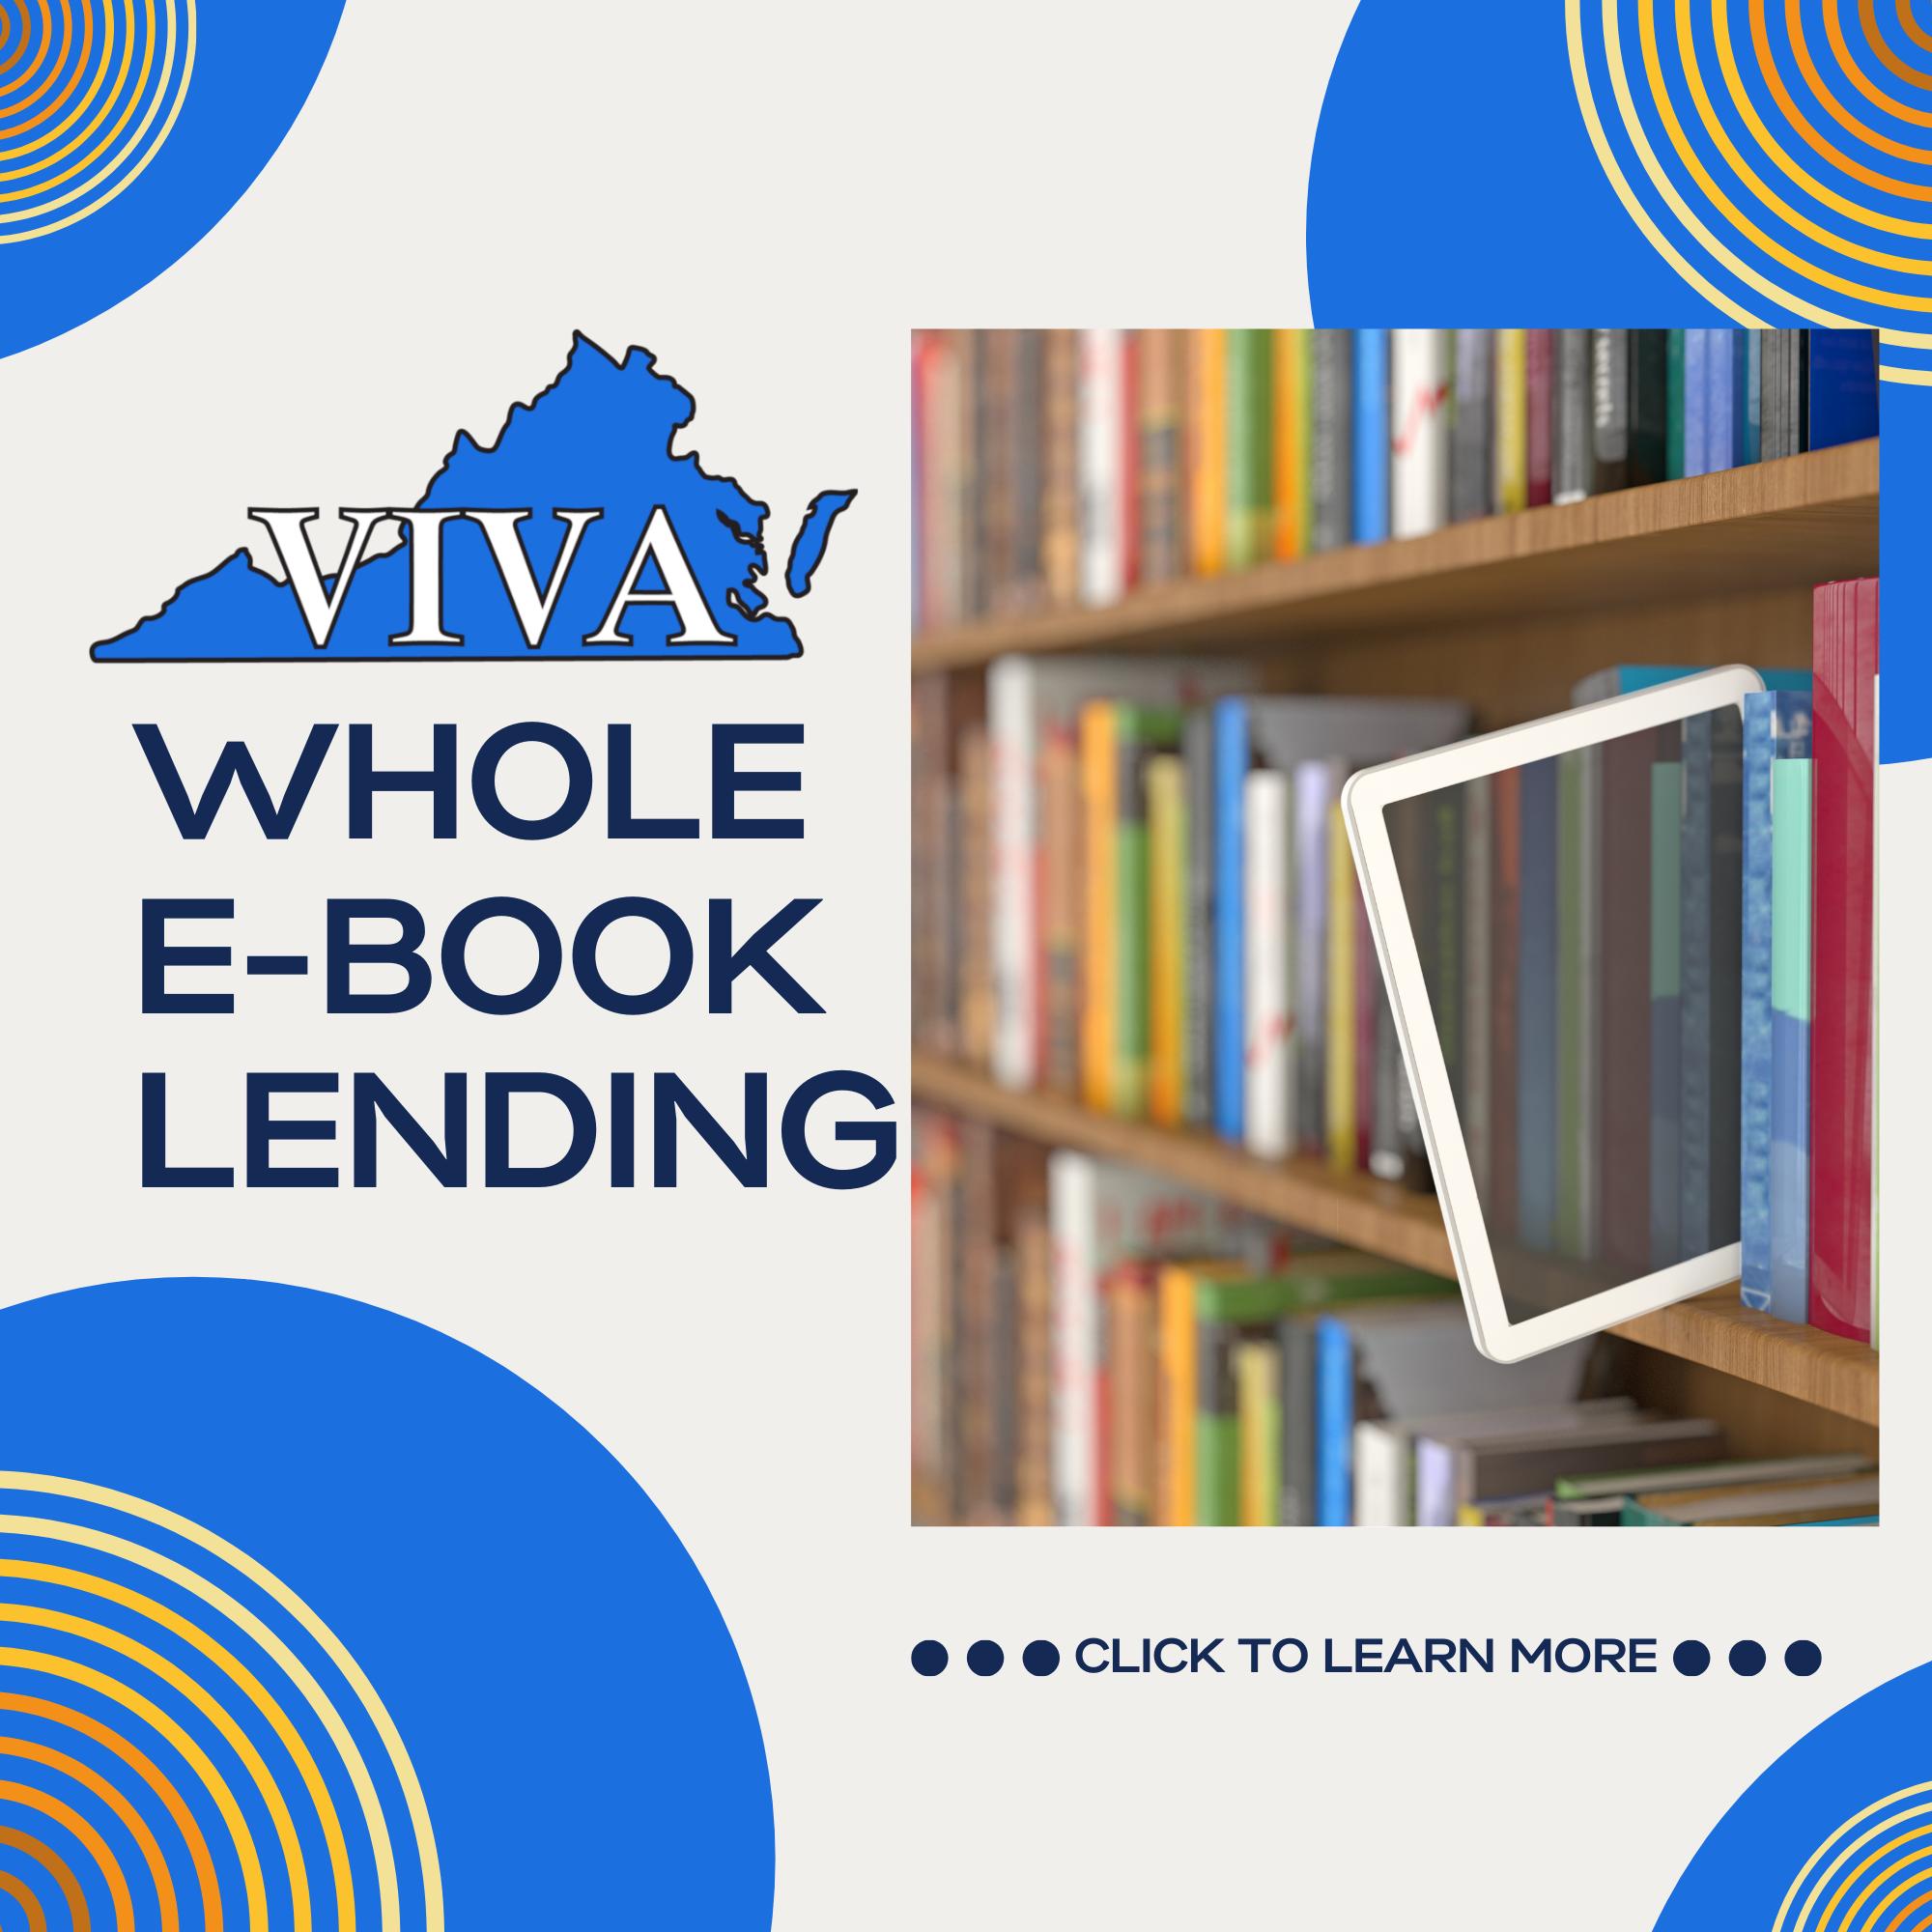 VIVA whole e-book lending